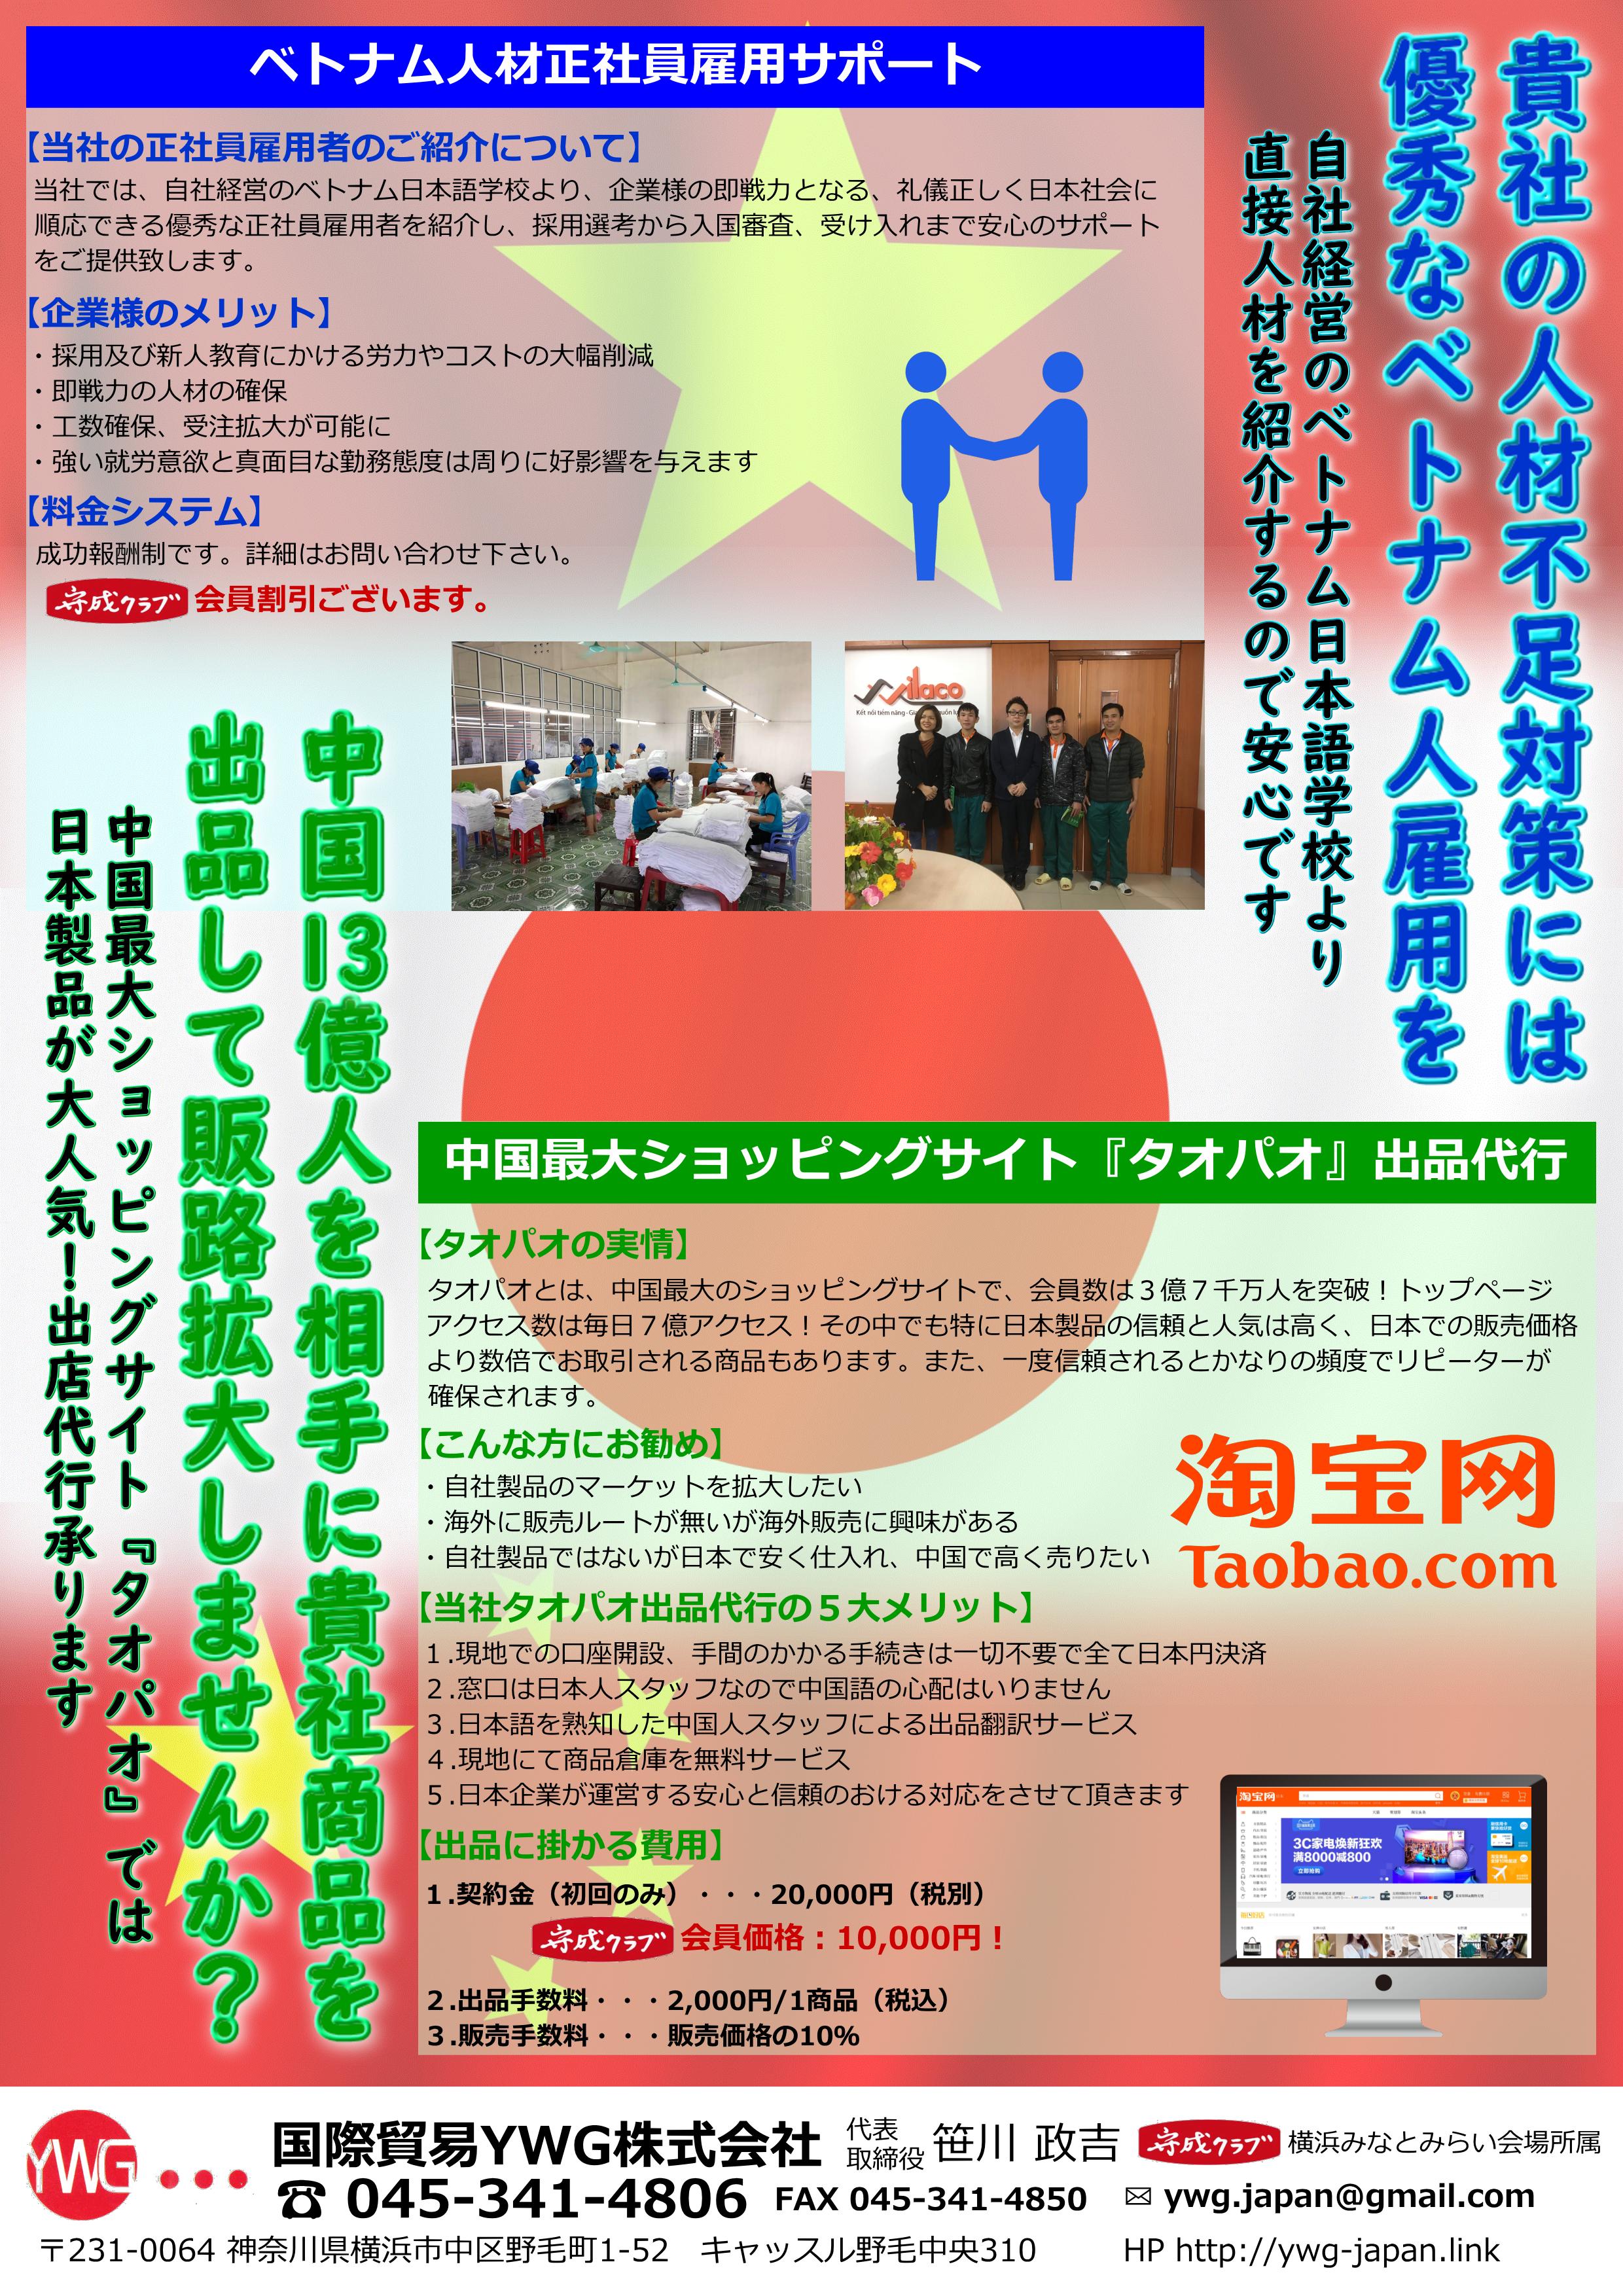 「国際貿易YWG株式会社」様(A4チラシ制作事例)